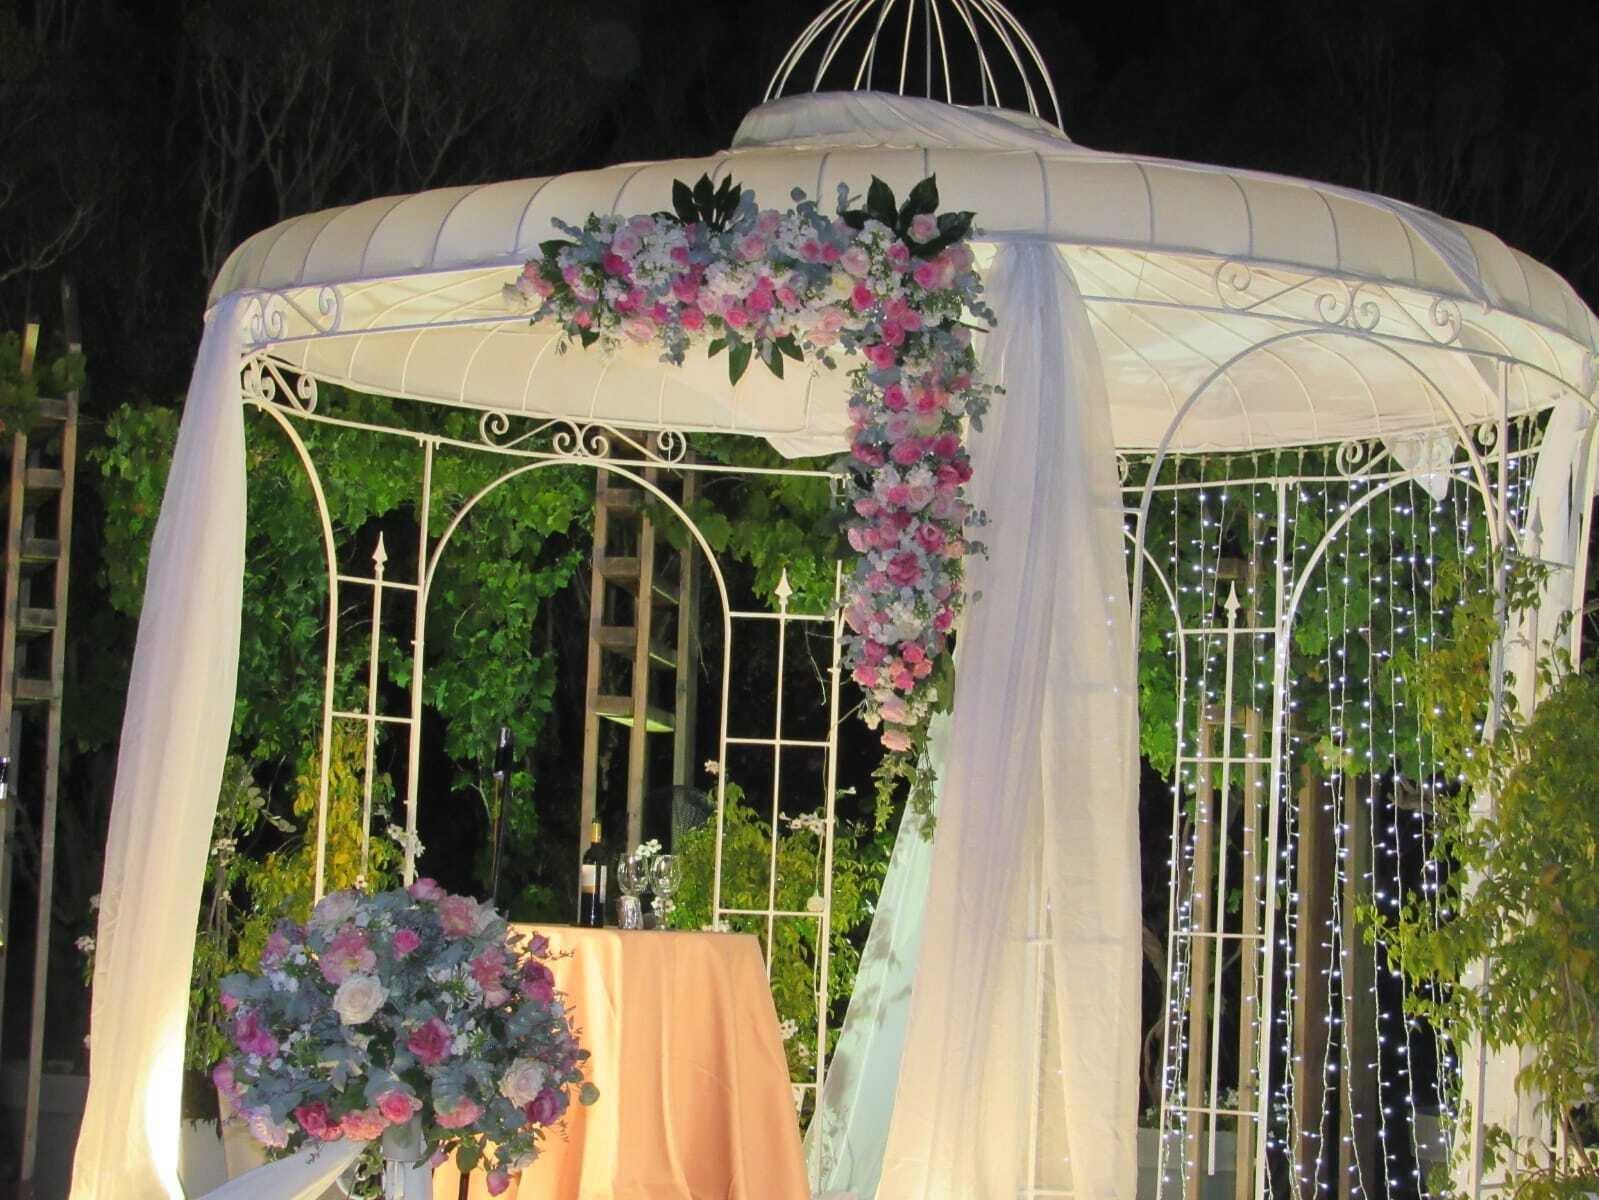 חופות לחתונה | שירות אישי ביהלום הפקות לחתונה מושלמת